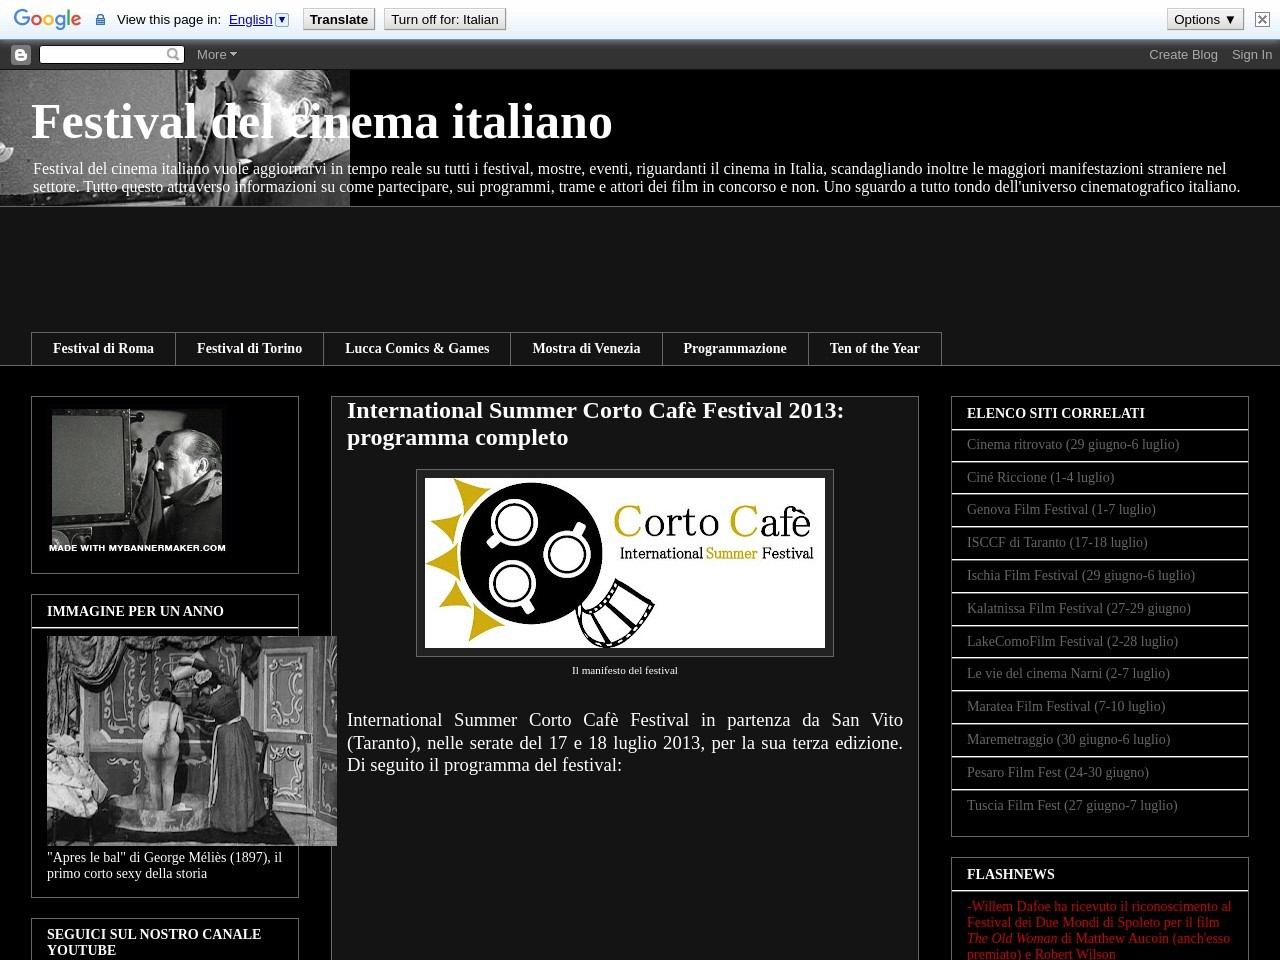 festival-del-cinema-italiano